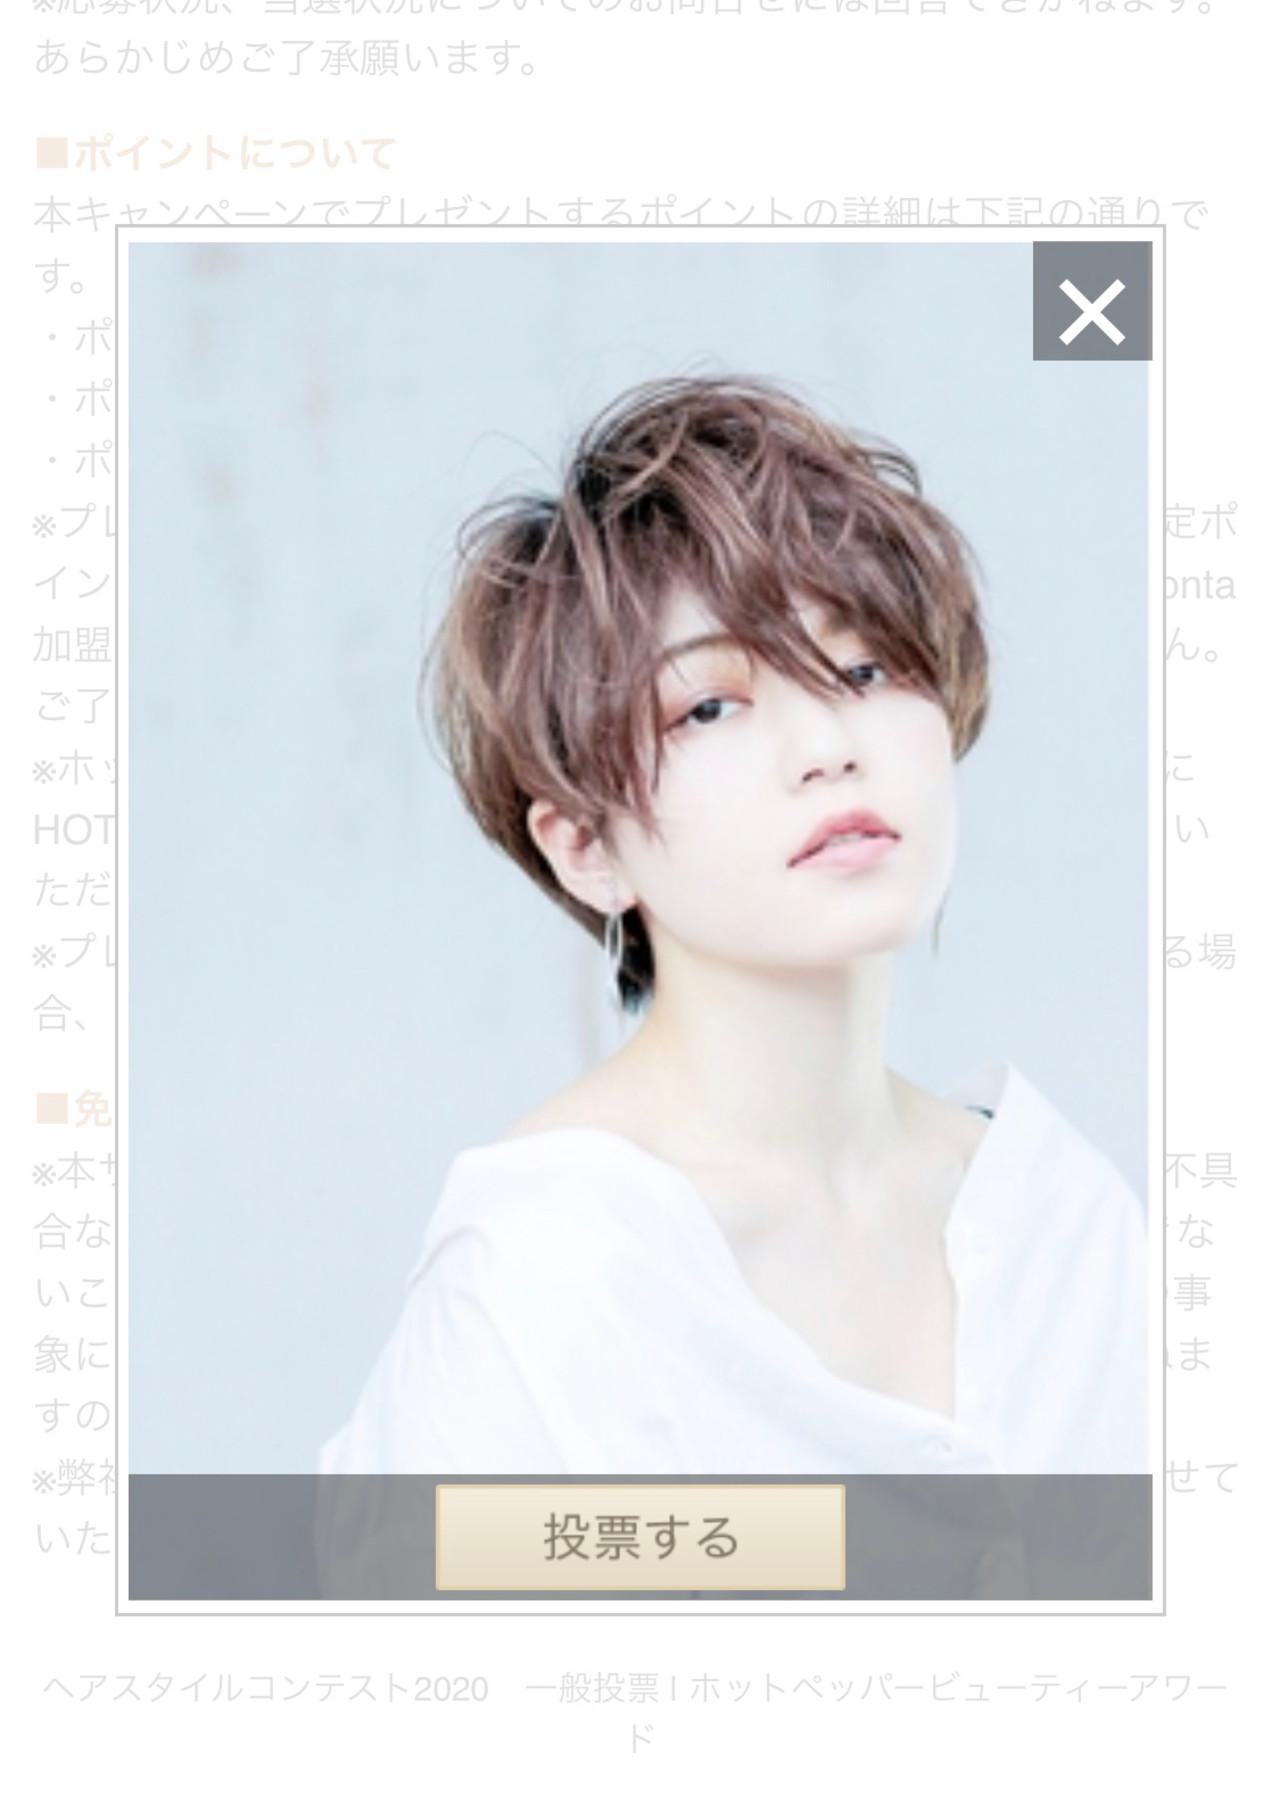 小顔ショート ハンサムショート ショートヘア ショート ヘアスタイルや髪型の写真・画像 | 藤井宏季 / Gill hair